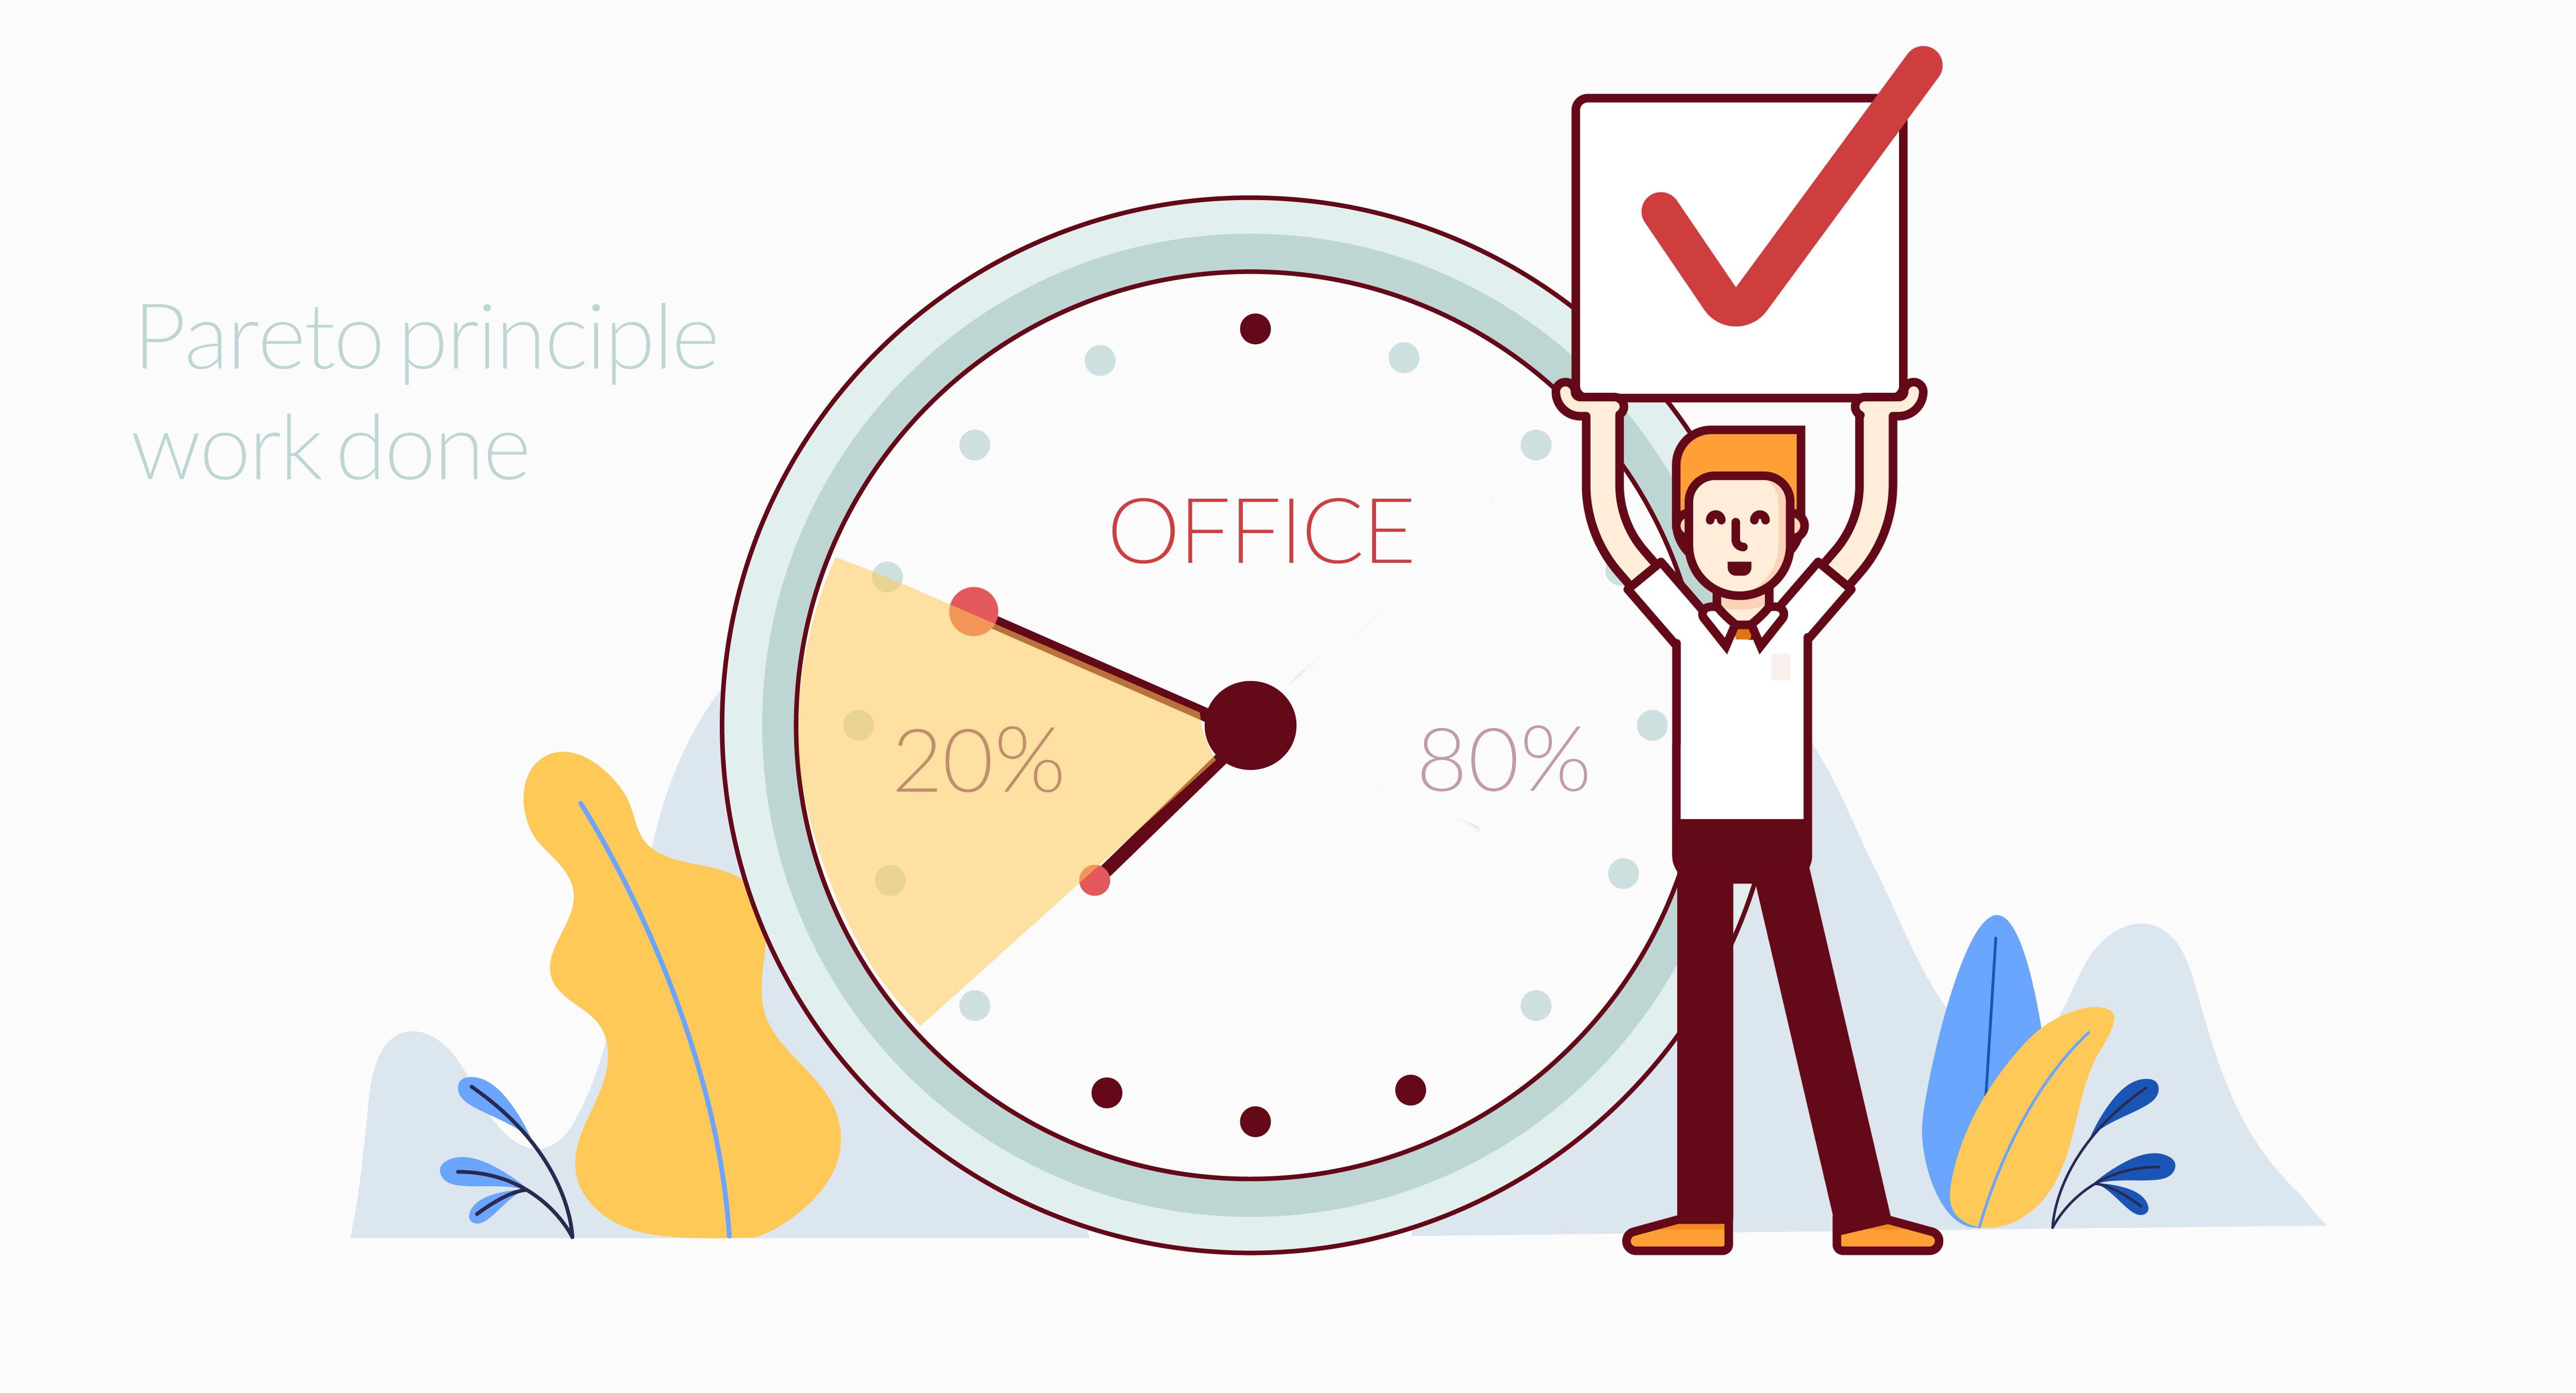 با اصل 20/80 برنامه ریزی محیط کار خود را اثربخش تر کنید